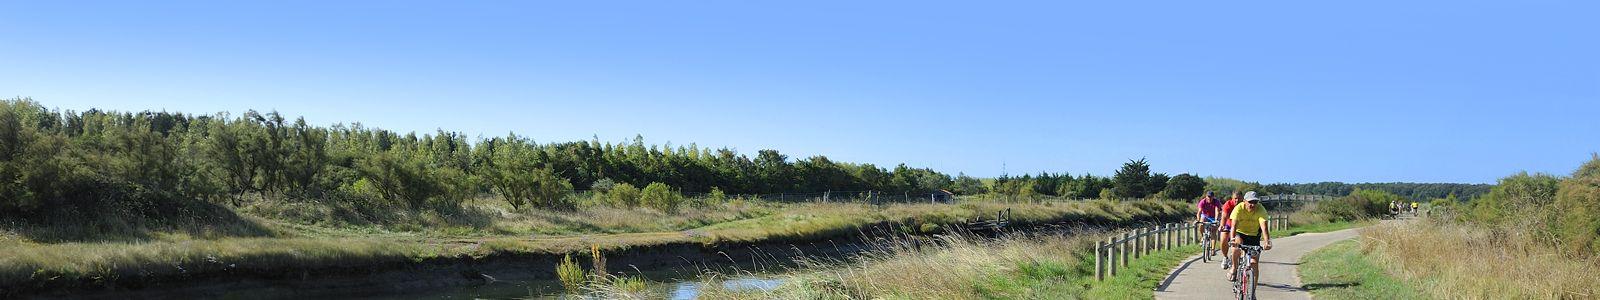 Pistes Cyclacles - canton des Sables d'Olonne